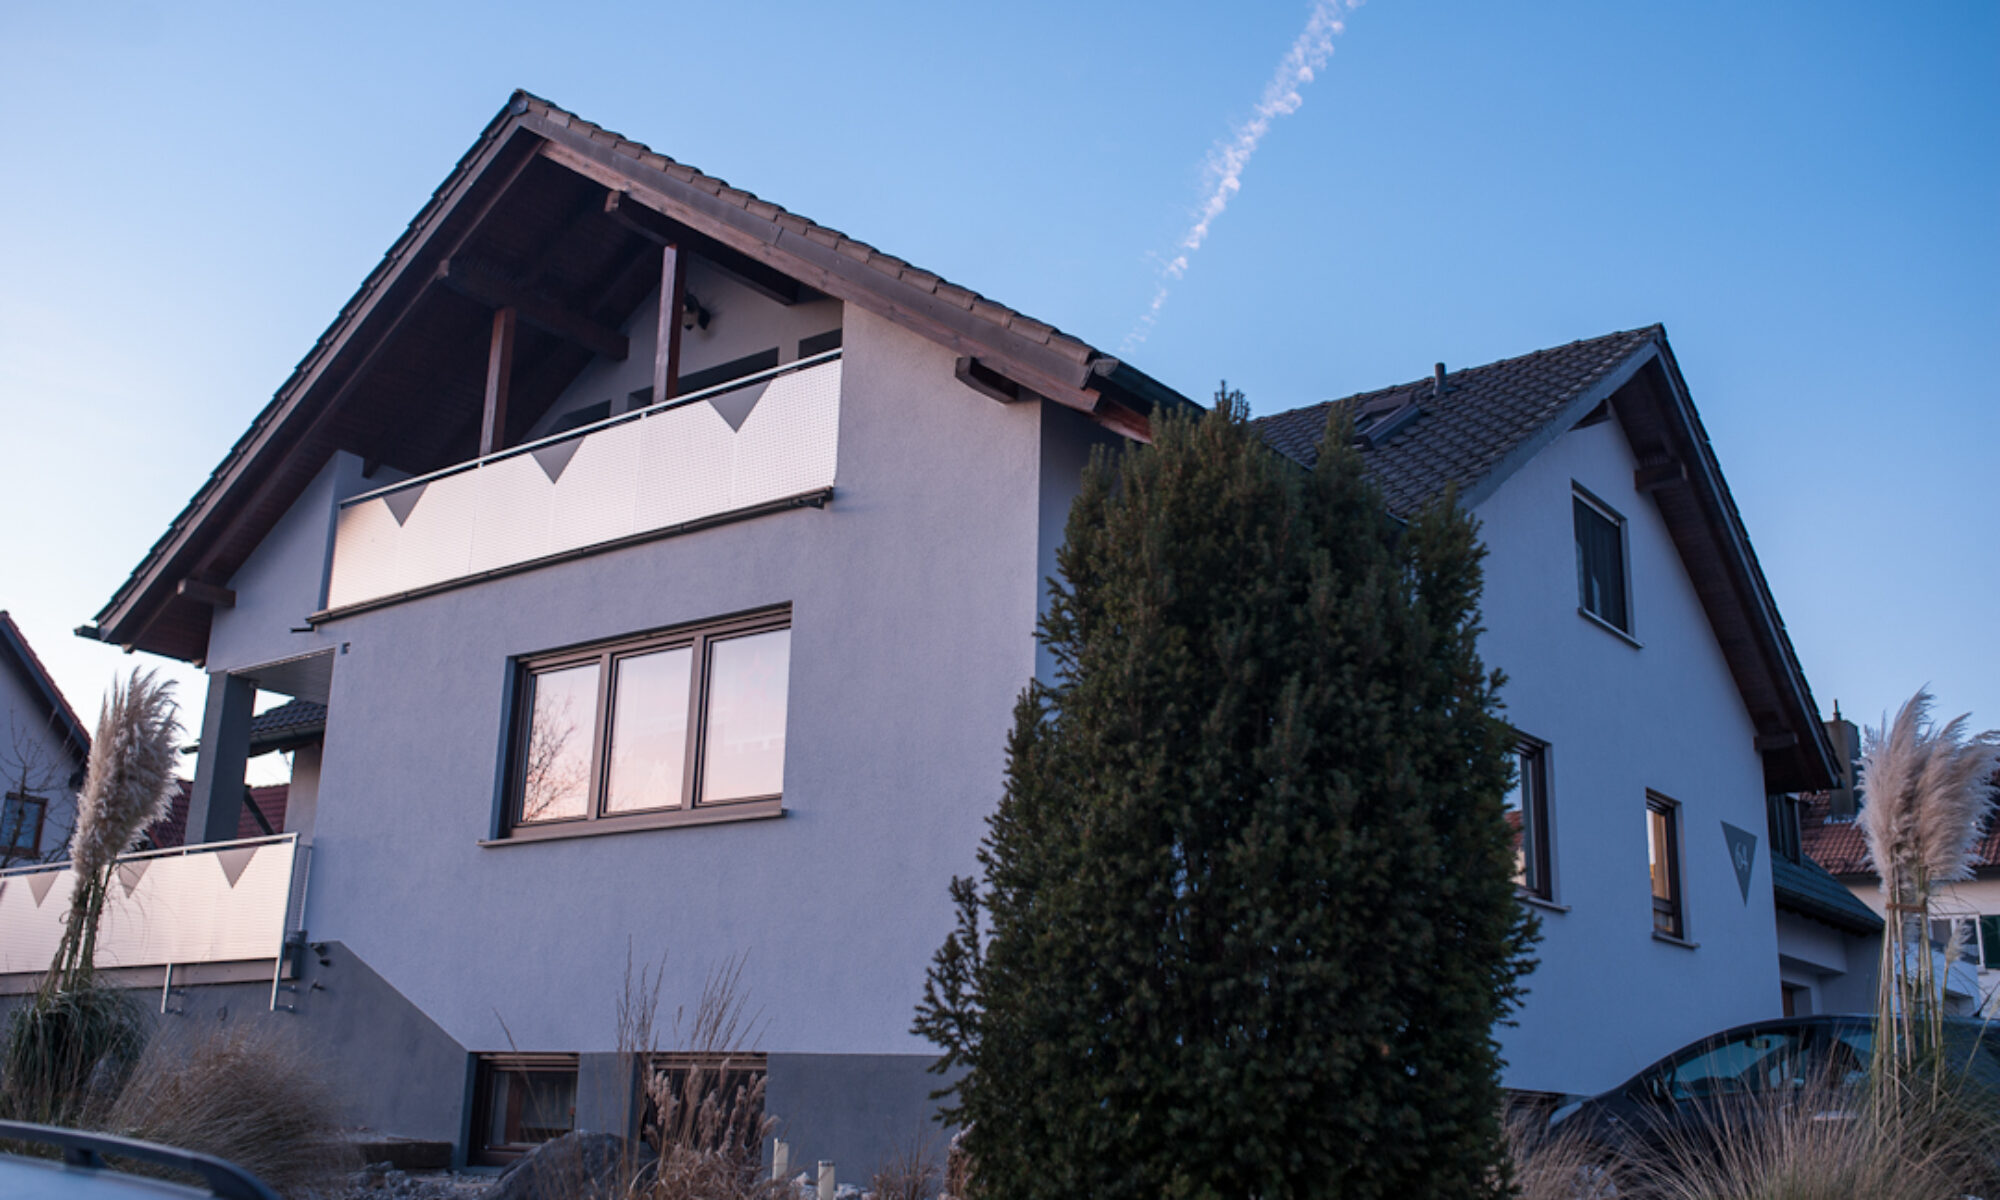 Ferienwohnungen Steigerwaldblick